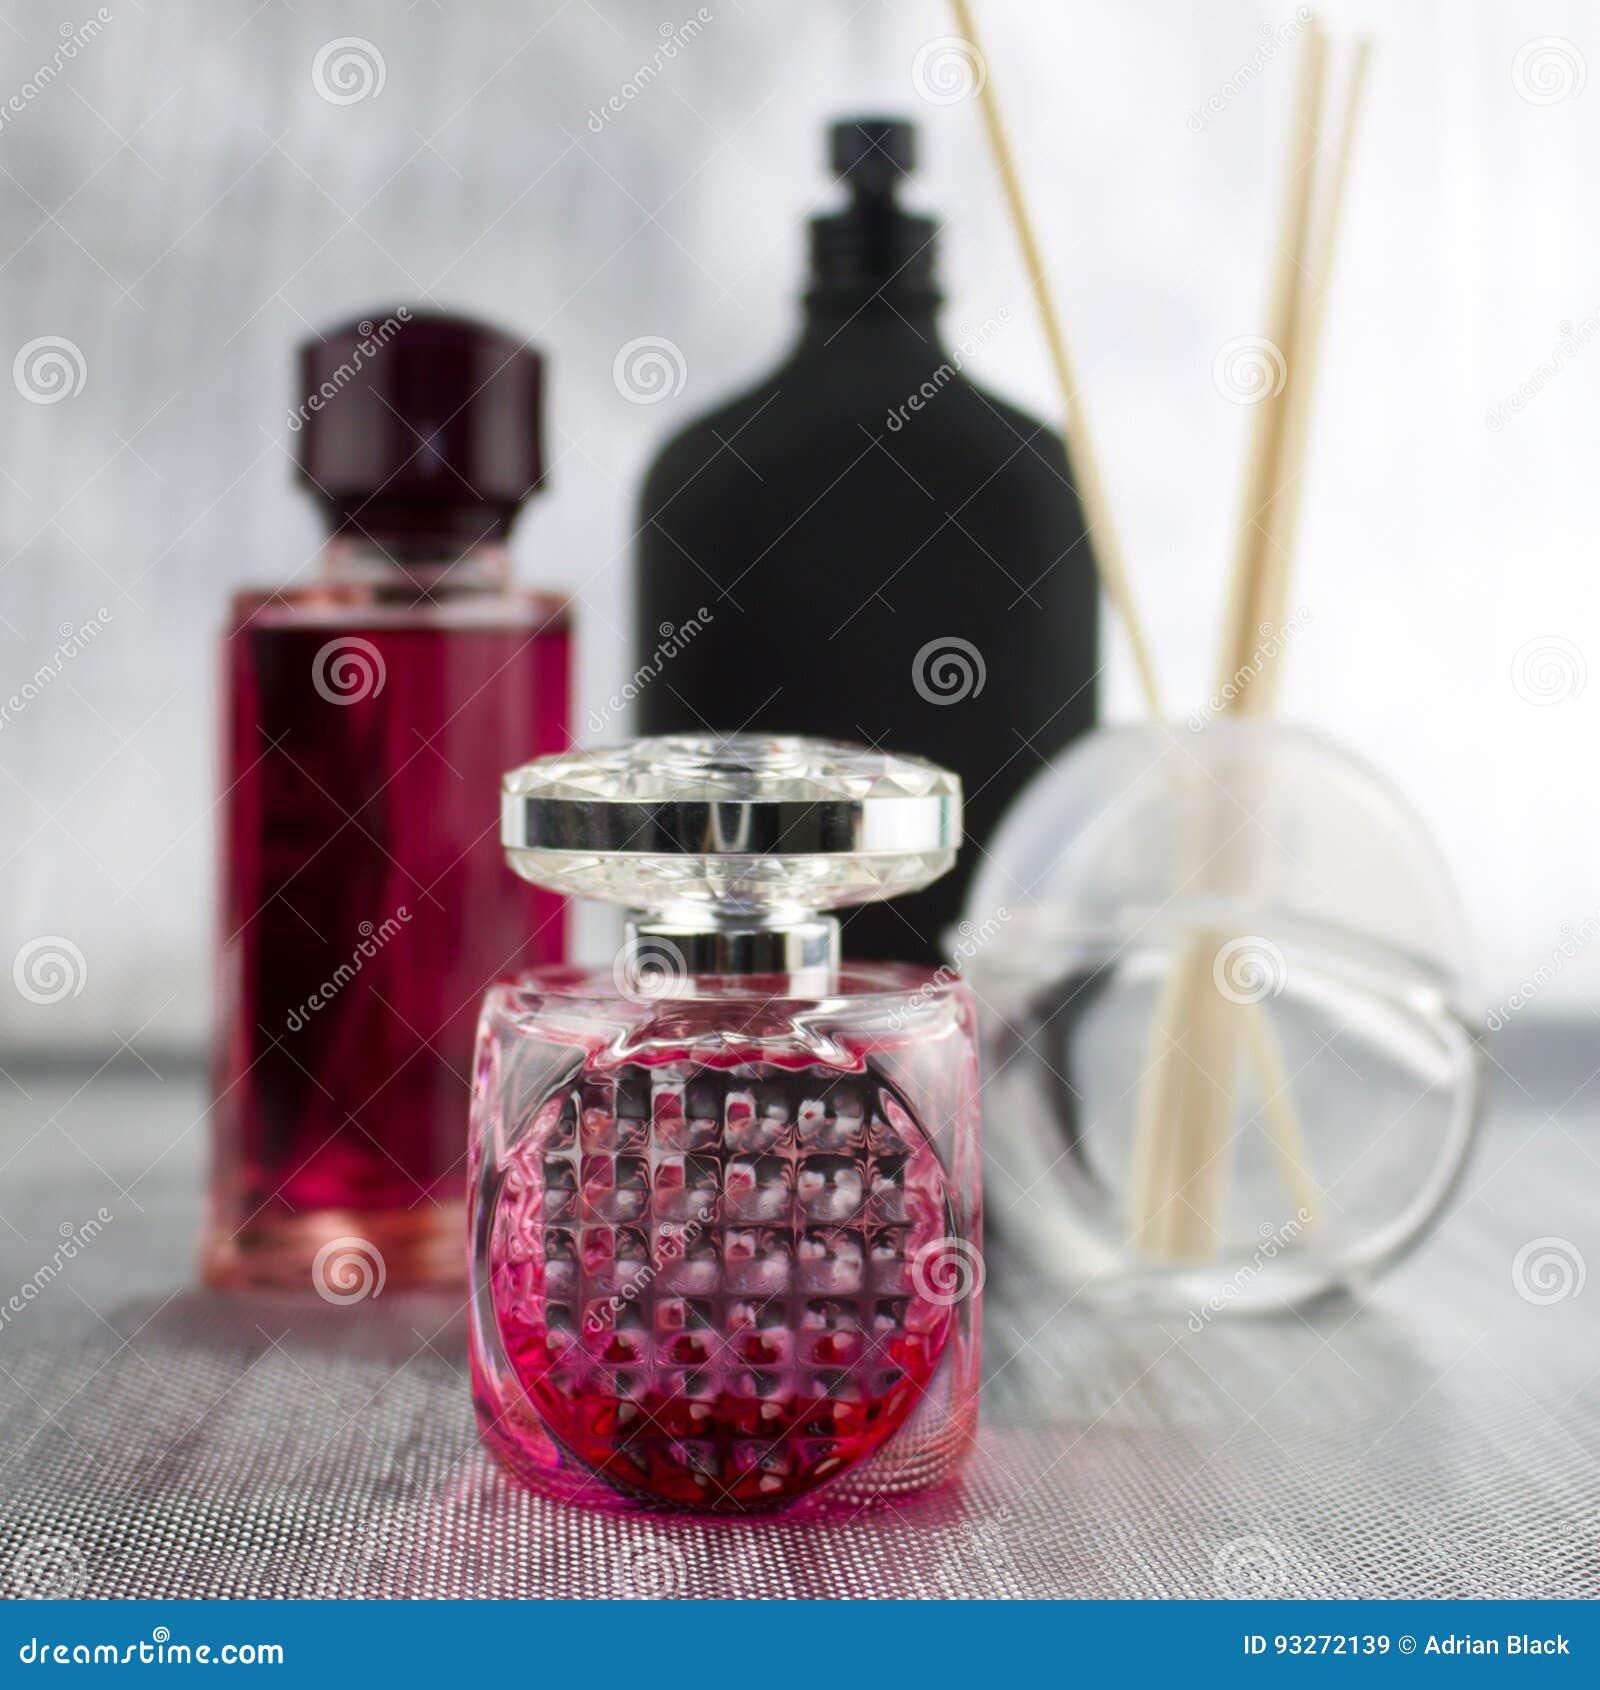 Le rose parfume la composition